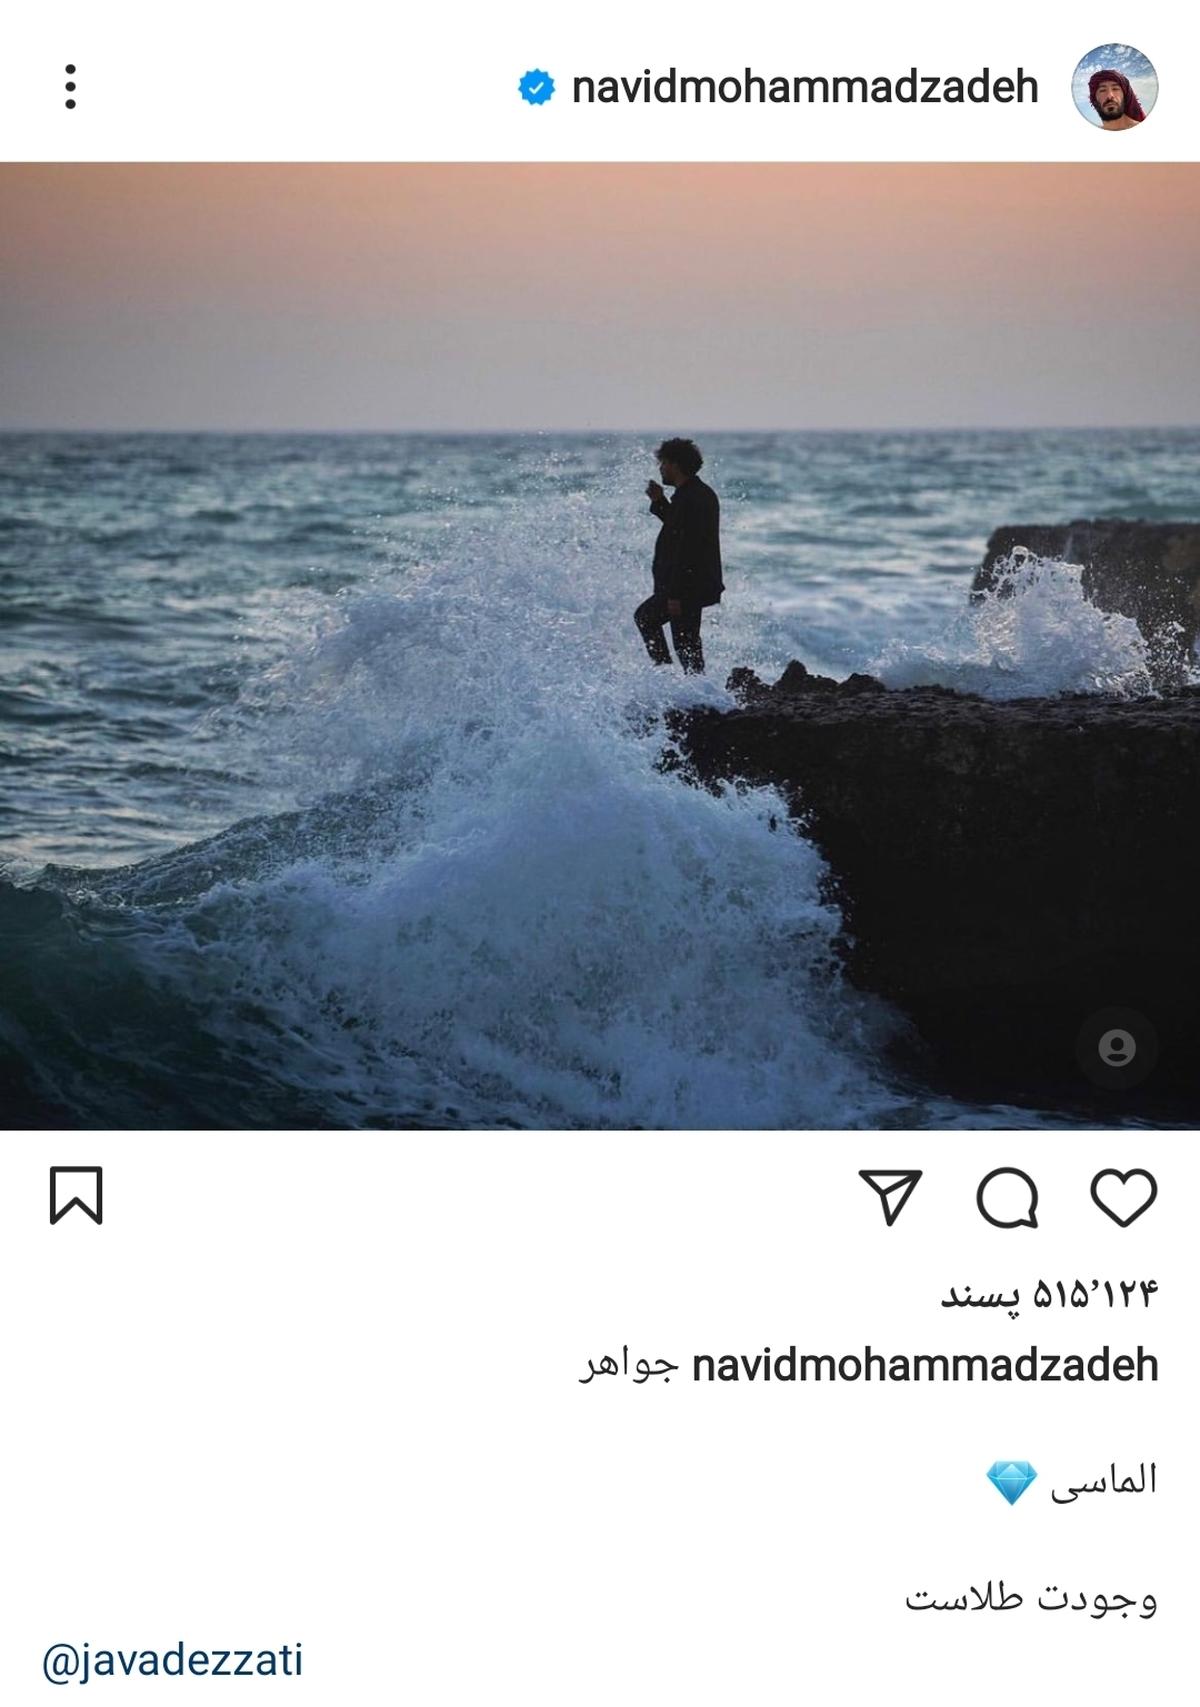 نوید محمدزاده خطاب به جواد عزتی: وجودت طلاست